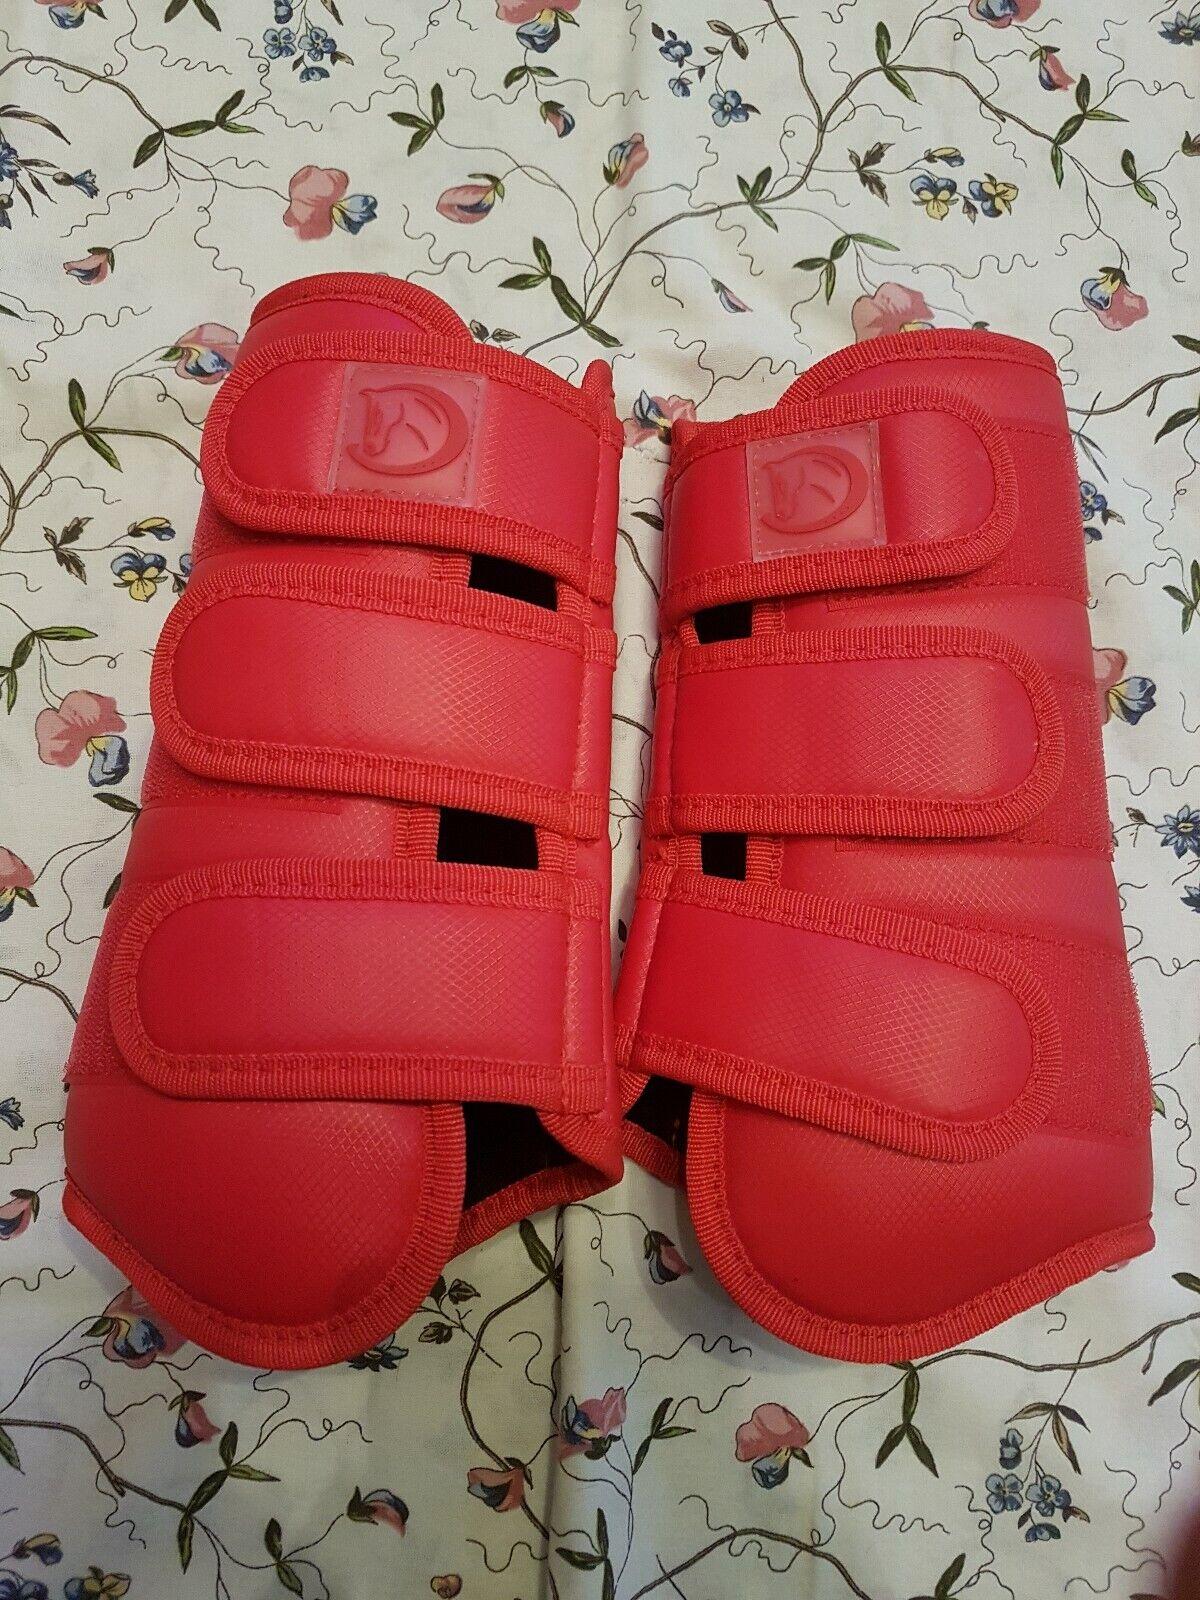 Rote Reit Gamaschen Größe L WarmBlaut für vorne und hinten     Export